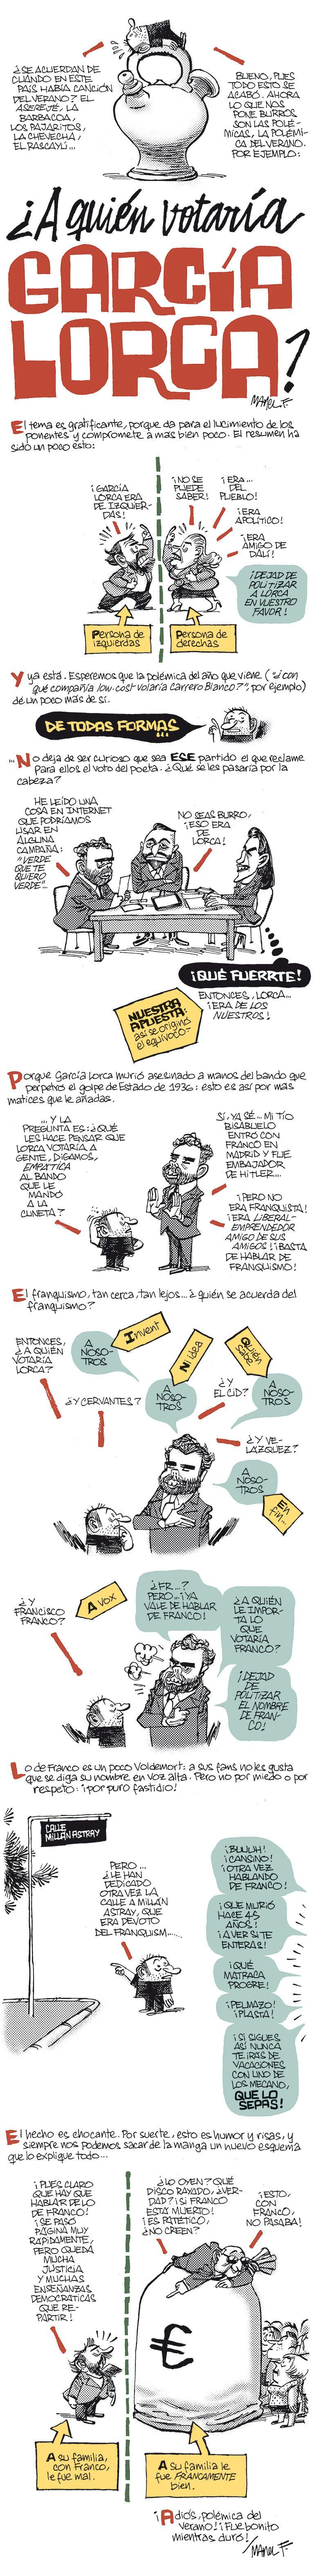 ¿A quién votaría García Lorca?